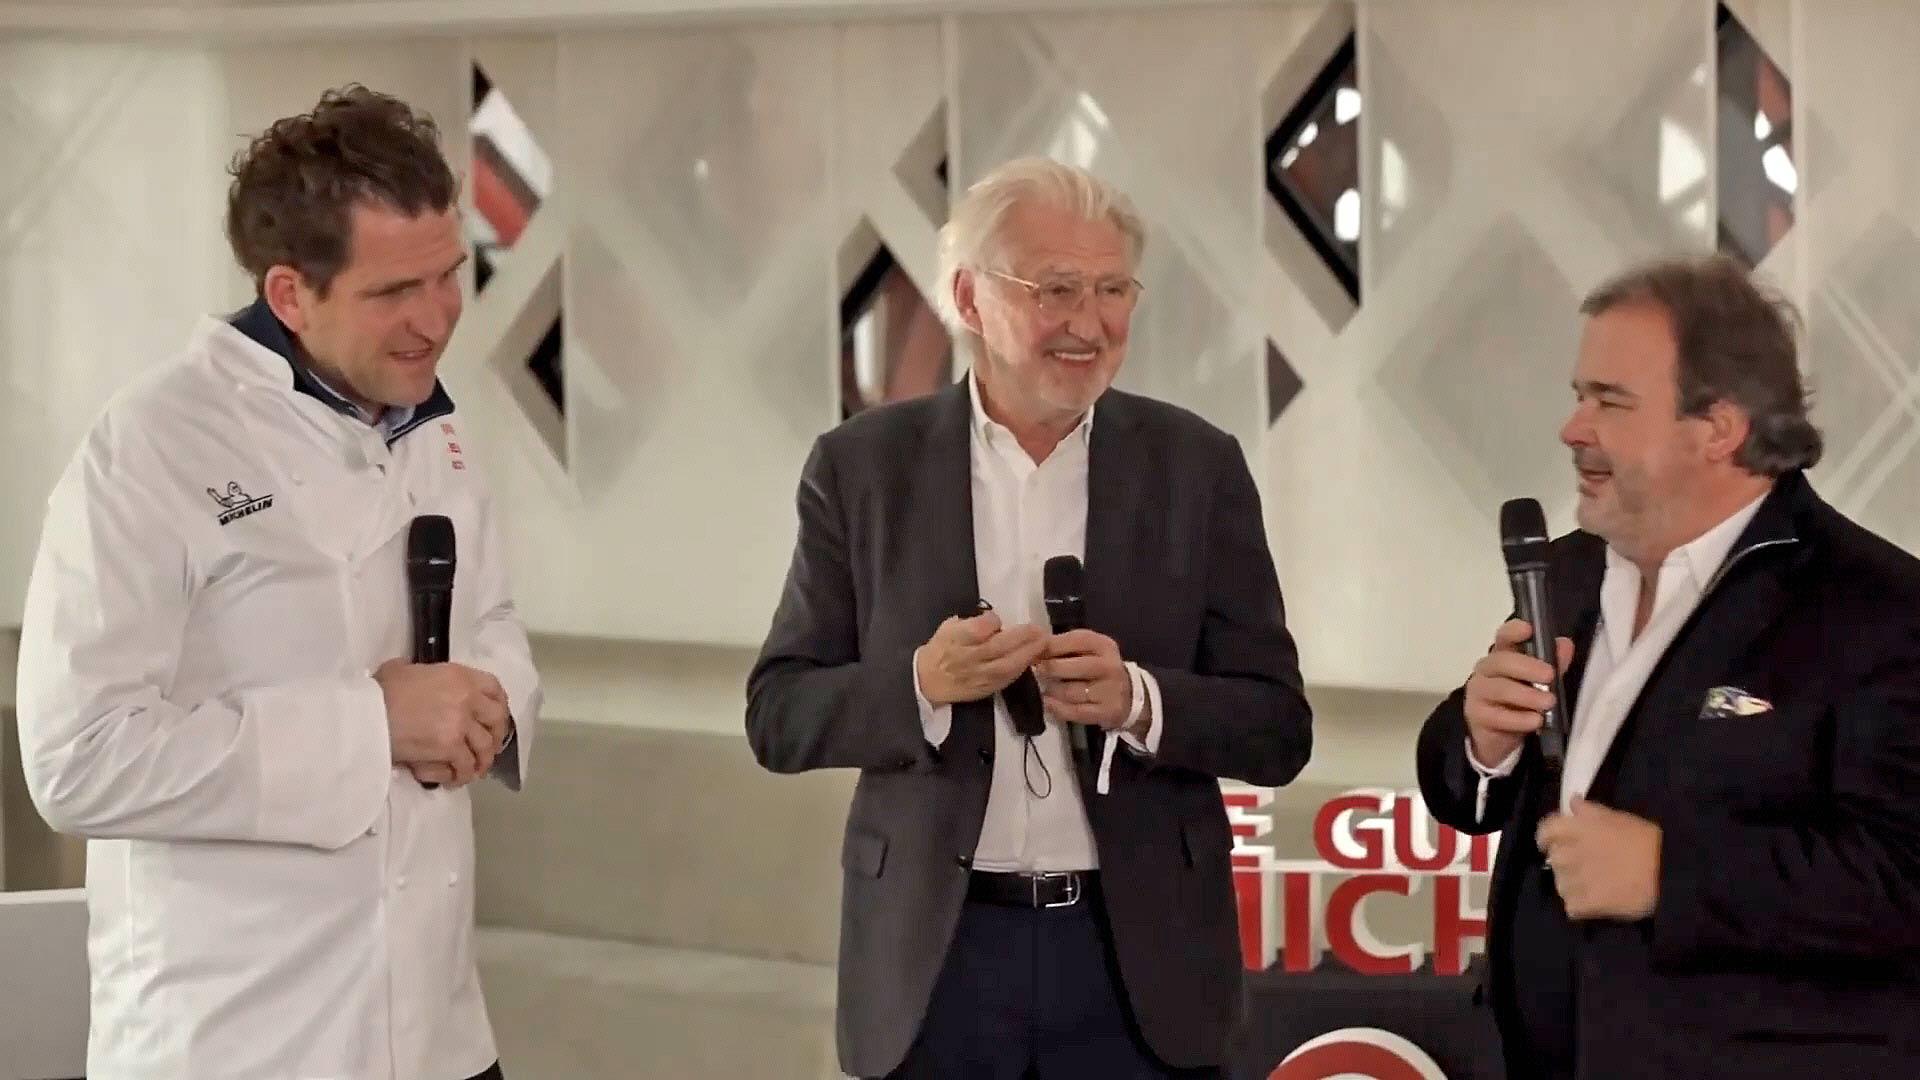 Alexandre Mazzia, Pierre Gagnaire et Pierre Hermé - Crédit photo Michelin